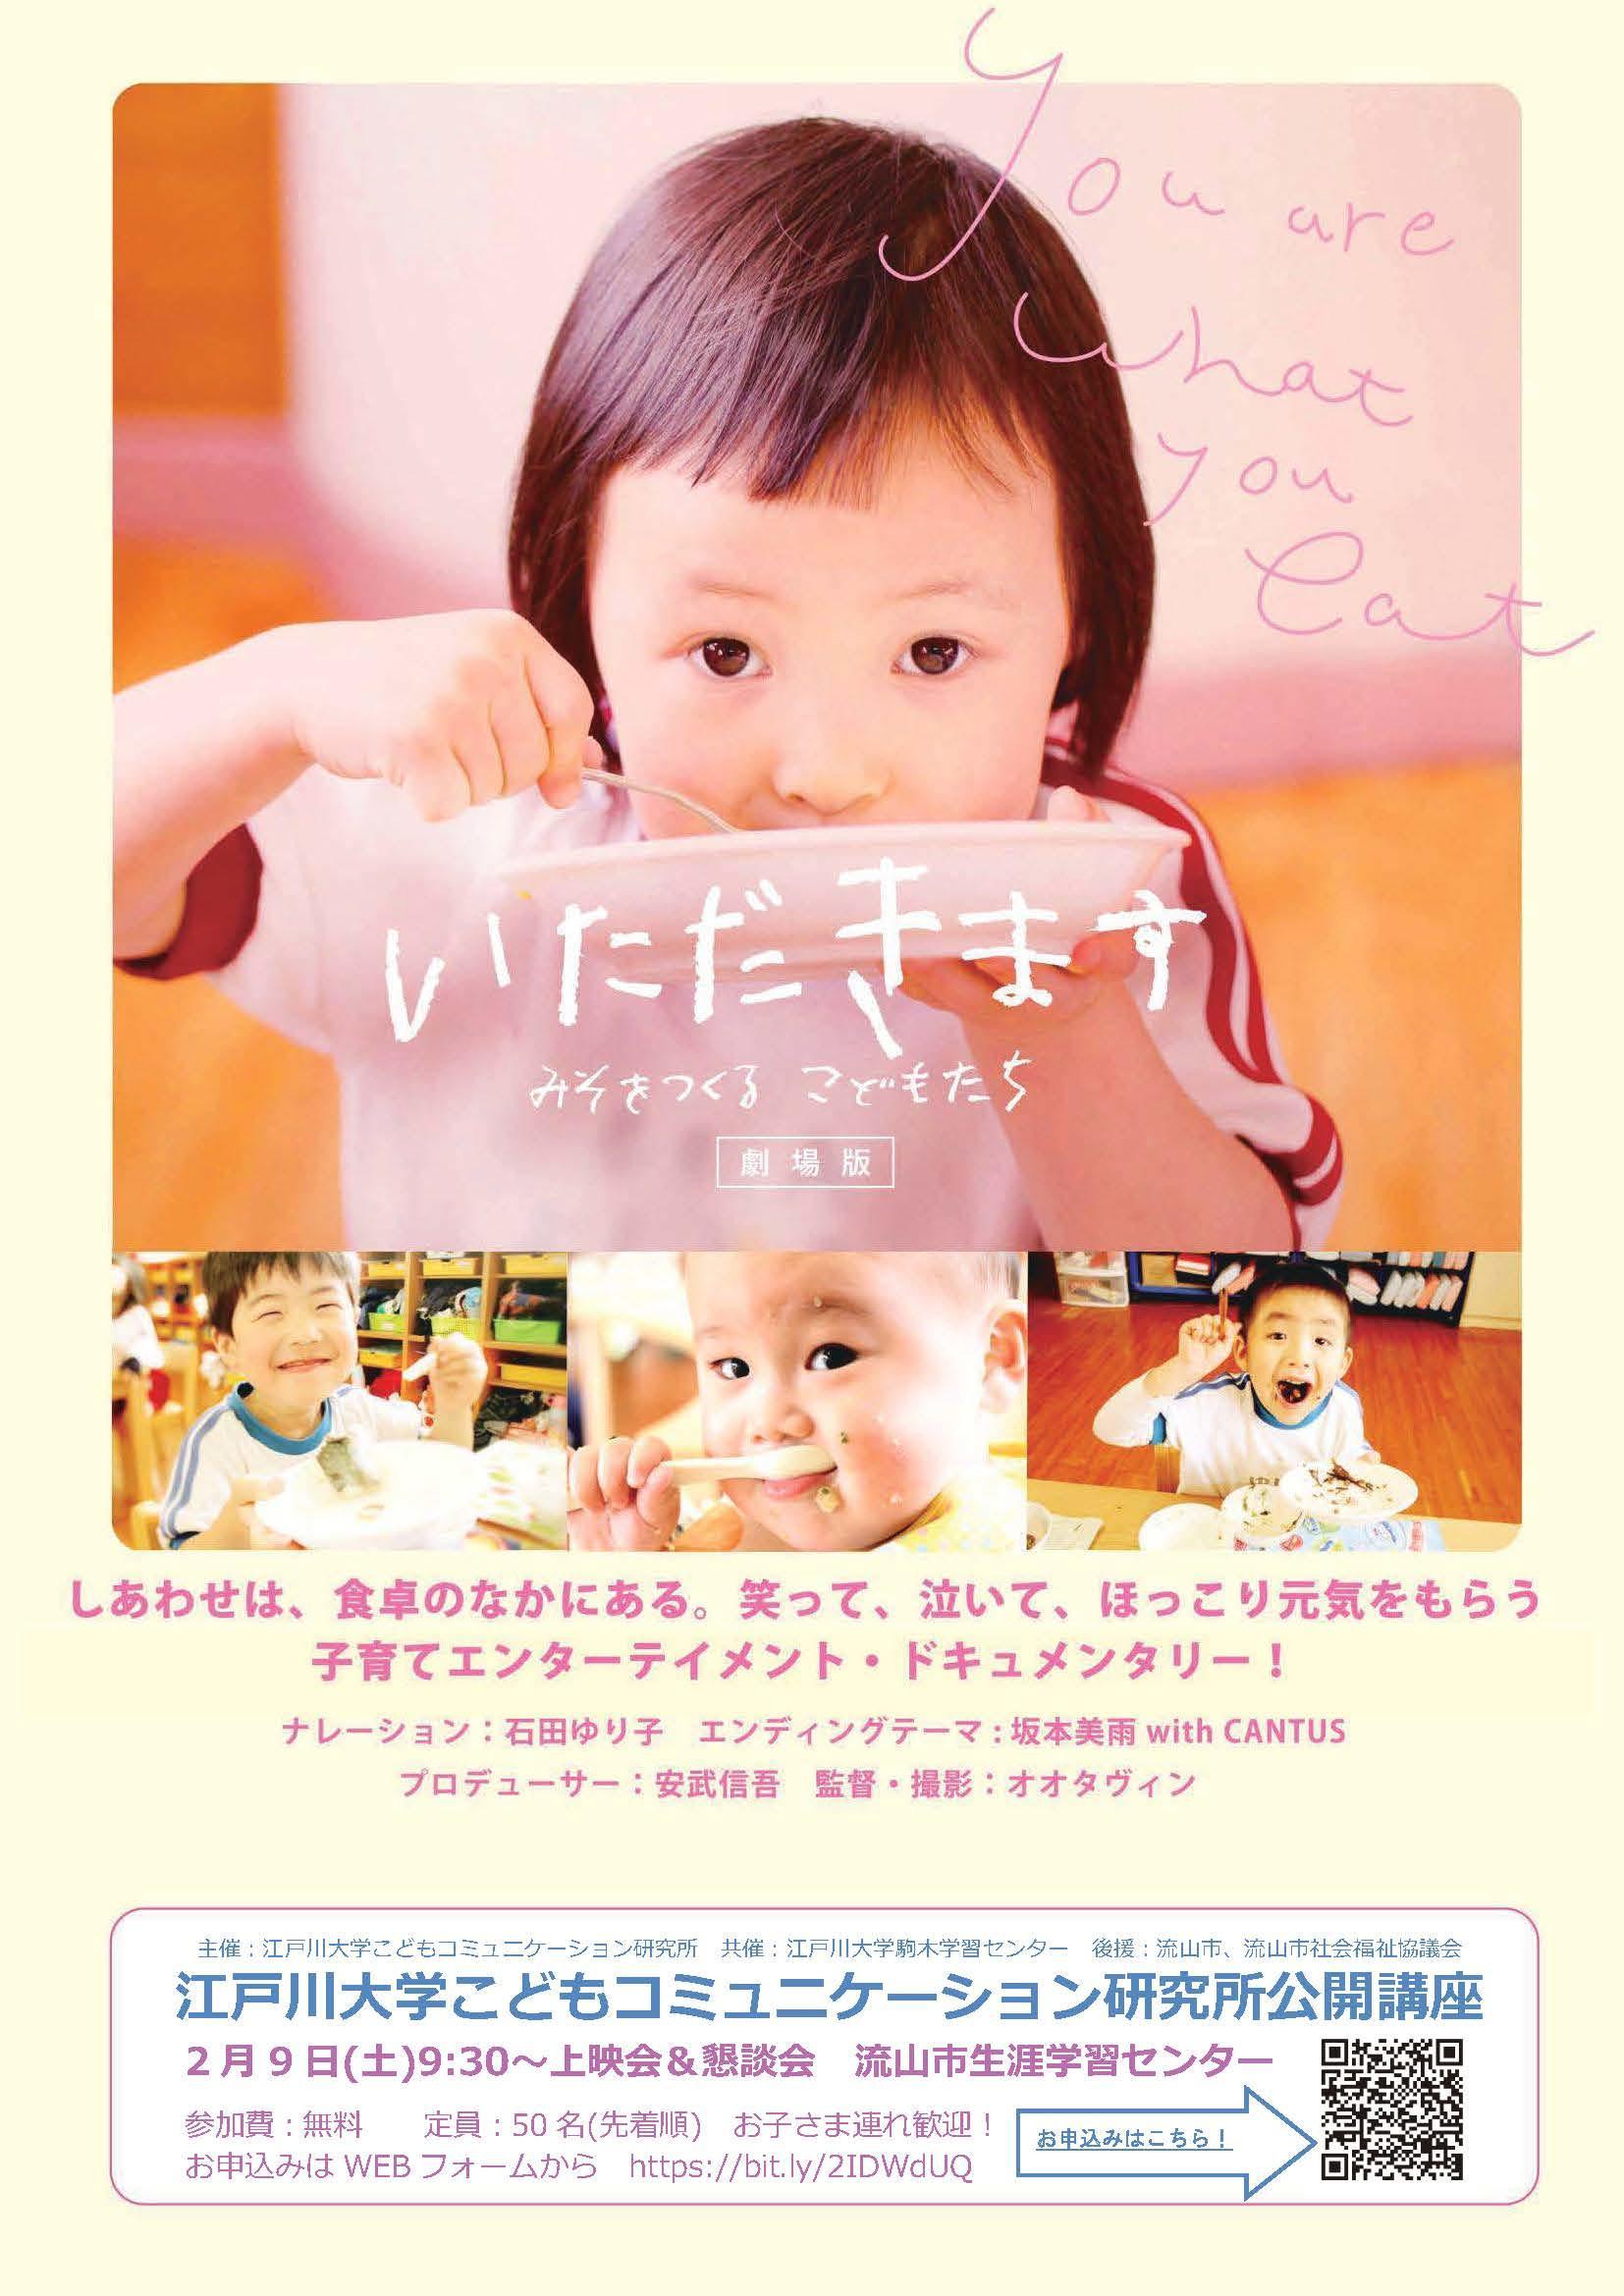 江戸川大学こどもコミュニケーション研究所が2月9日に公開講座を開催 -- 映画「いただきます 劇場版」上映会と懇親会